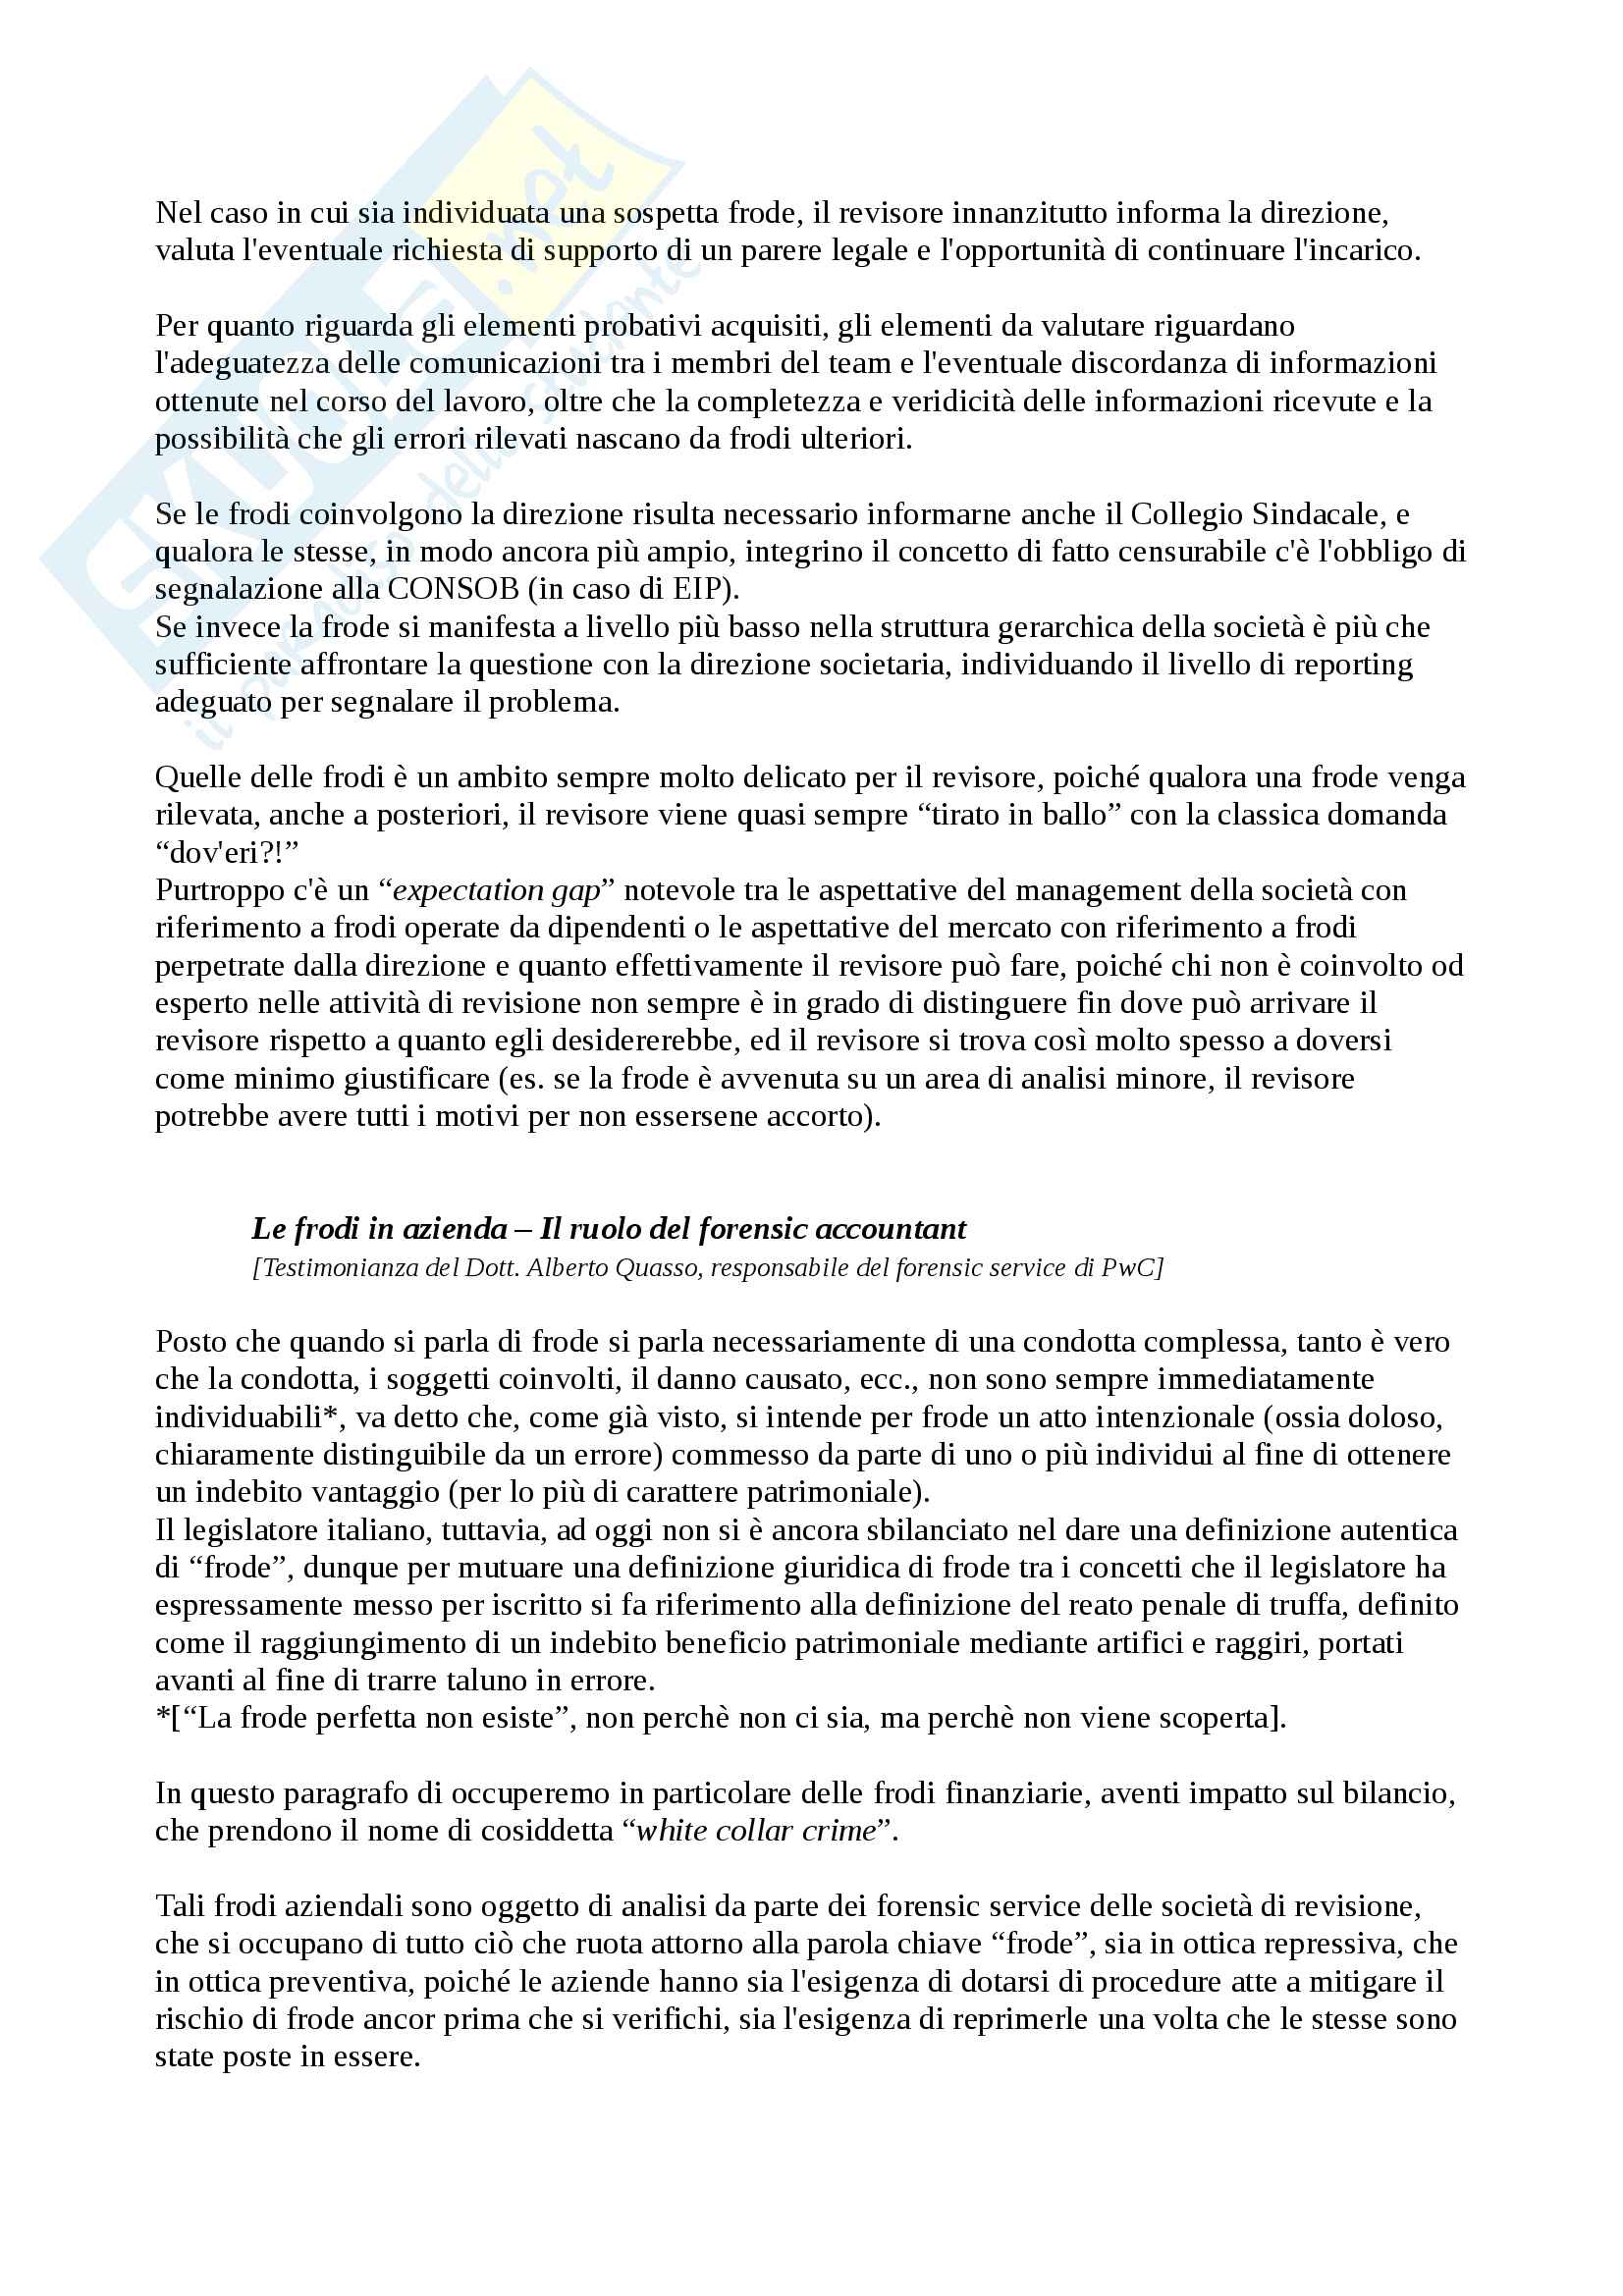 Appunti di Revisione Aziendale (Progredito), Parte 2 di 3 Pag. 11